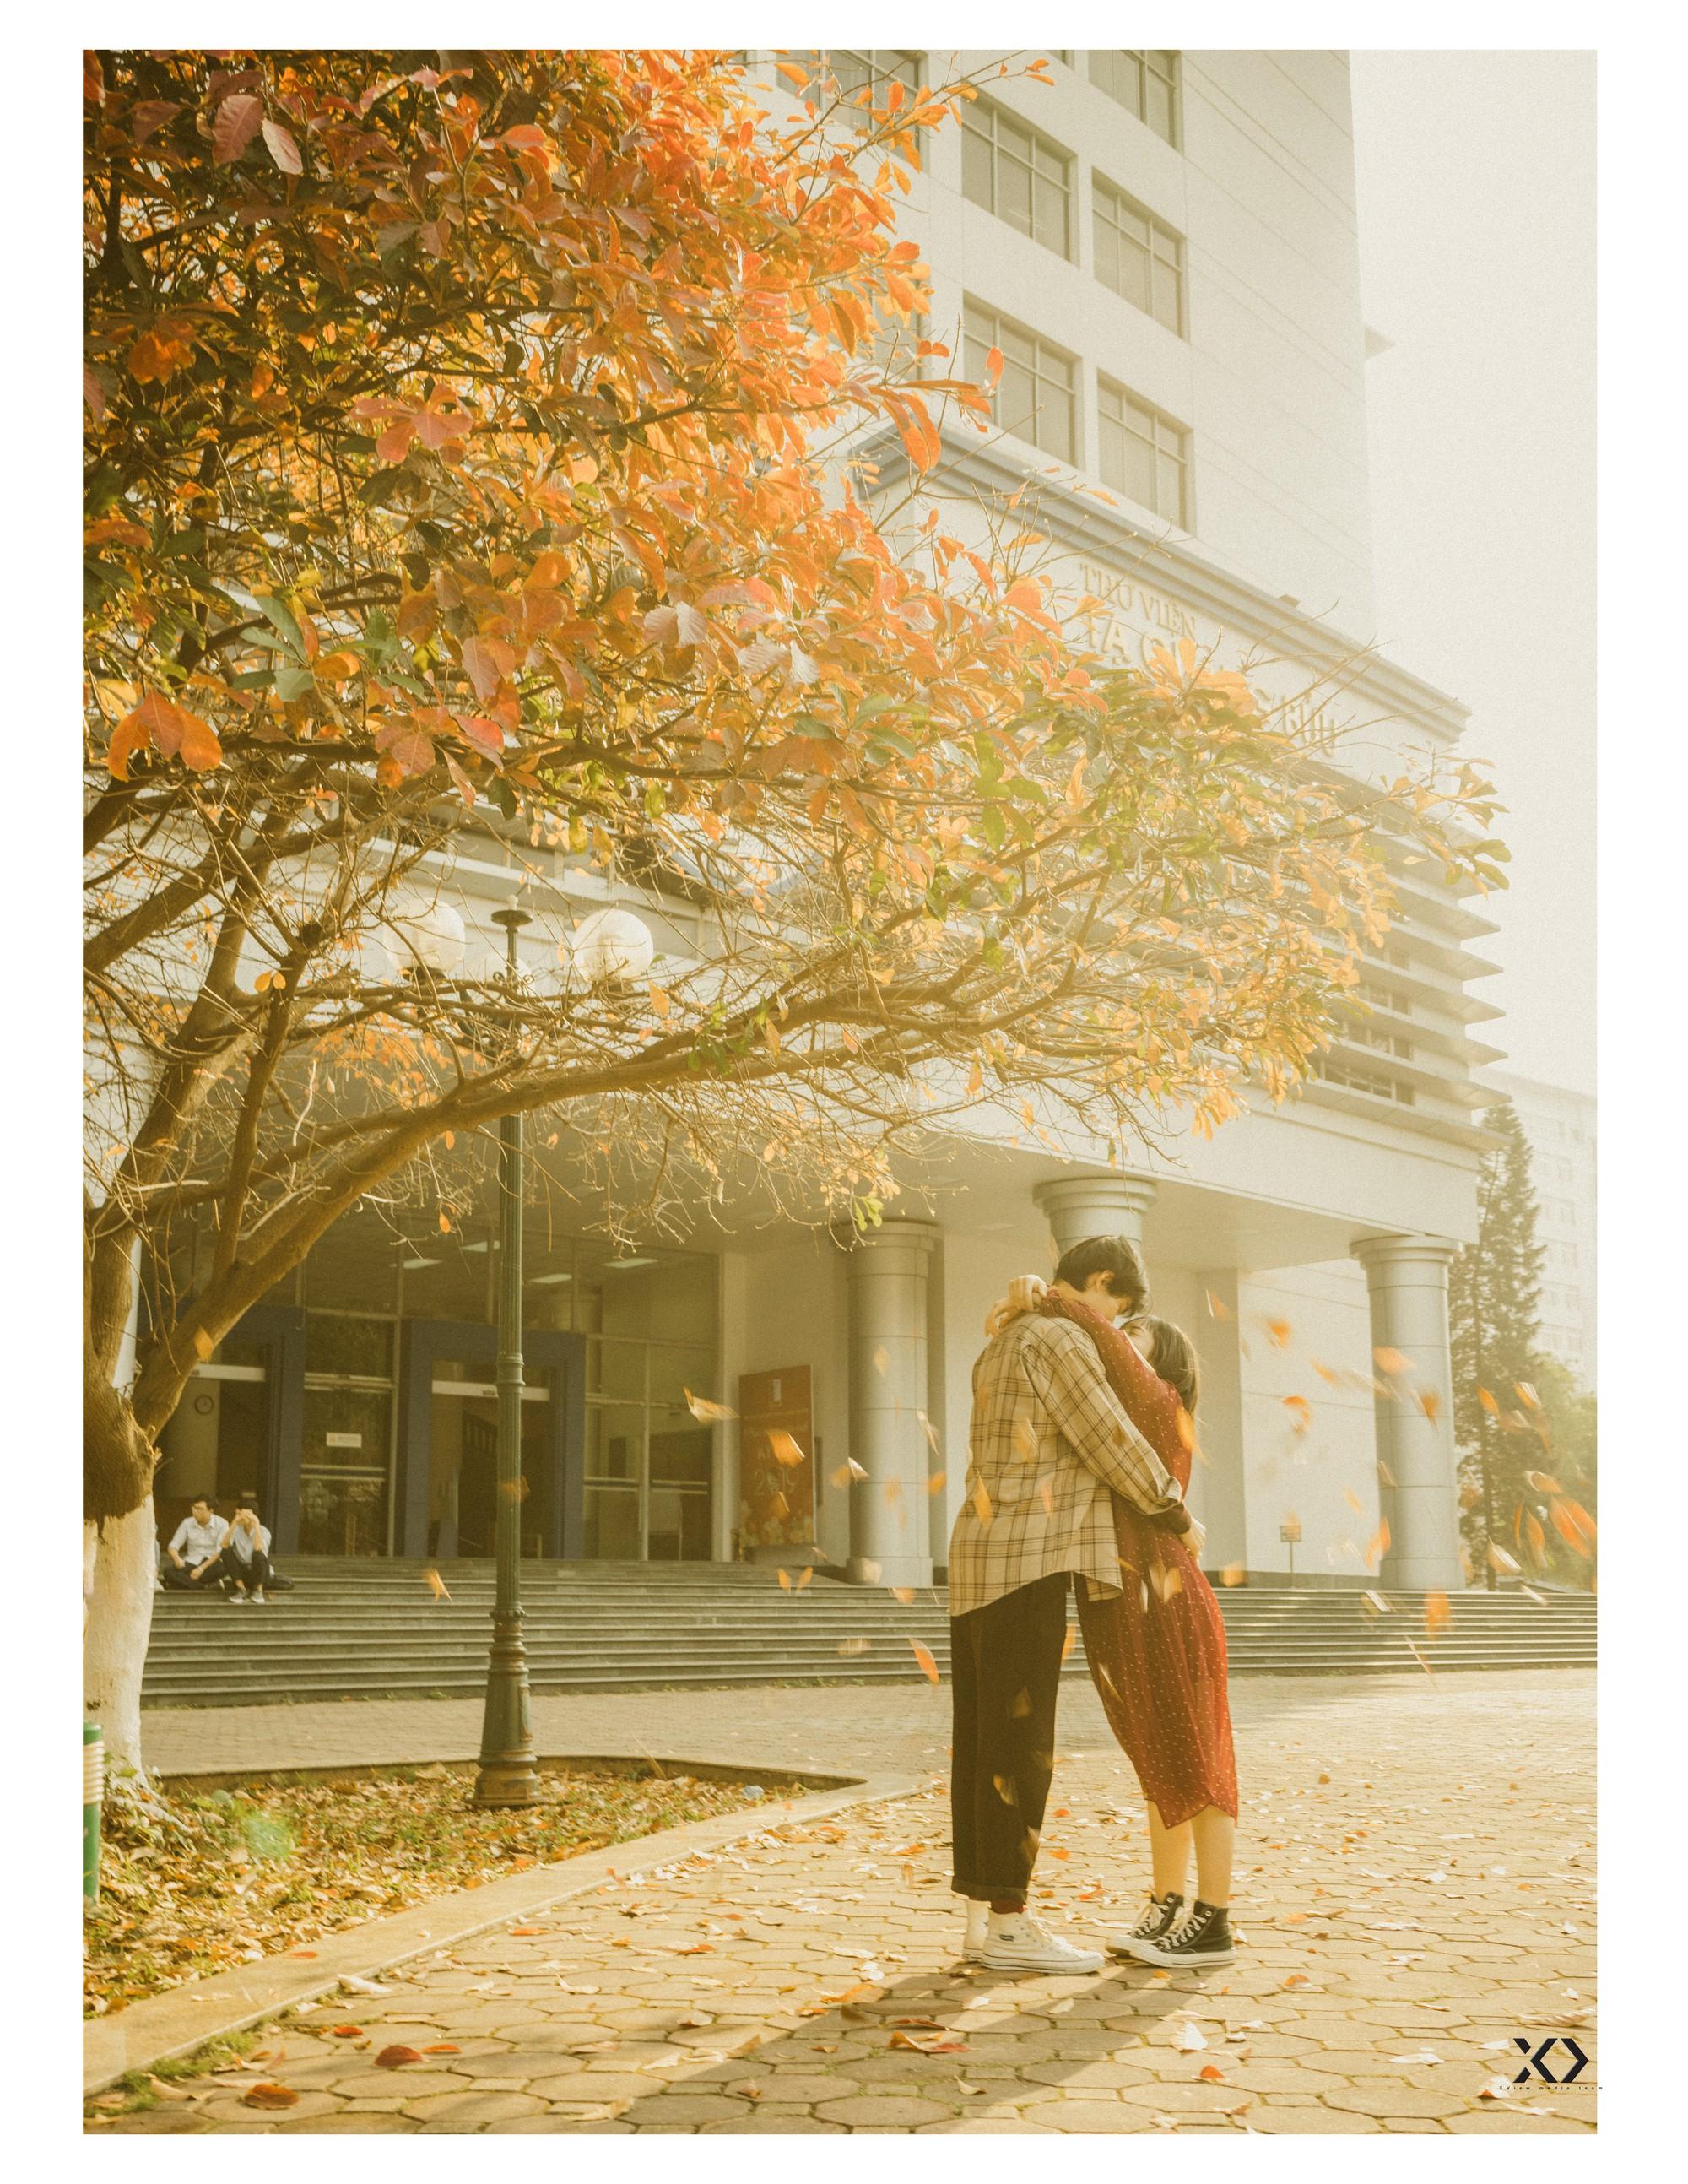 """Không ngờ có một Bách Khoa tình đến thế trong bộ ảnh của cặp đôi gái Xây dựng trai Kiến trúc - Ảnh 3. Có một Bách Khoa """"tình"""" đến thế trong bộ ảnh của cặp đôi gái Xây dựng trai Kiến trúc"""